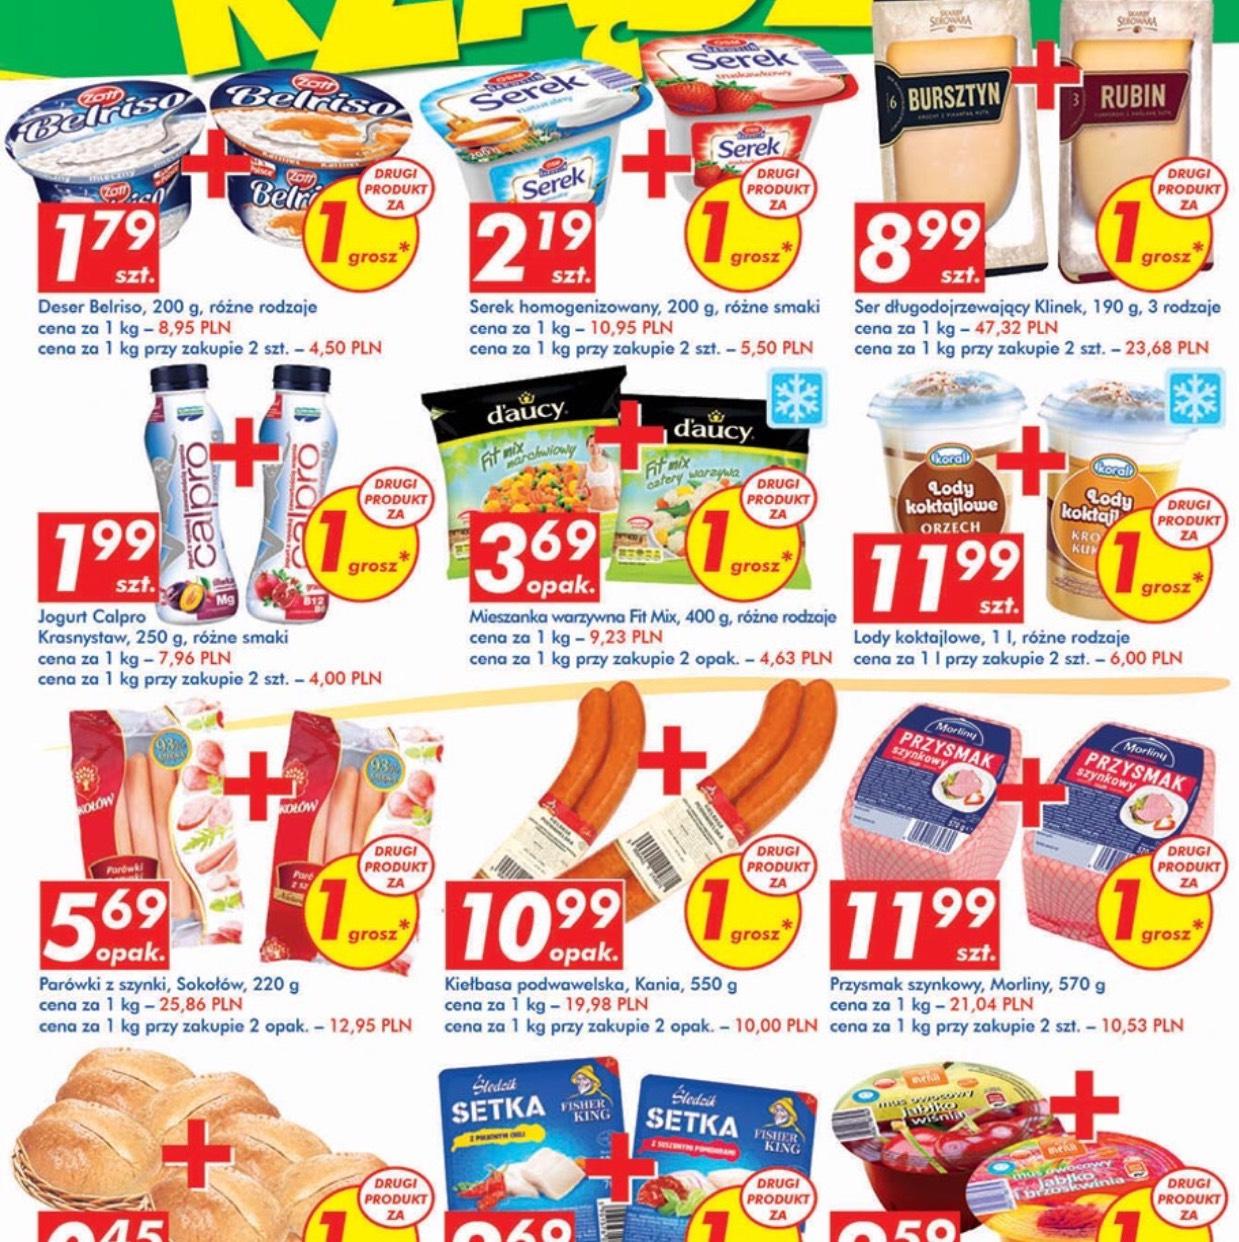 """Wiele produktów w Auchan w ofercie """"drugi za 1 grosz"""""""